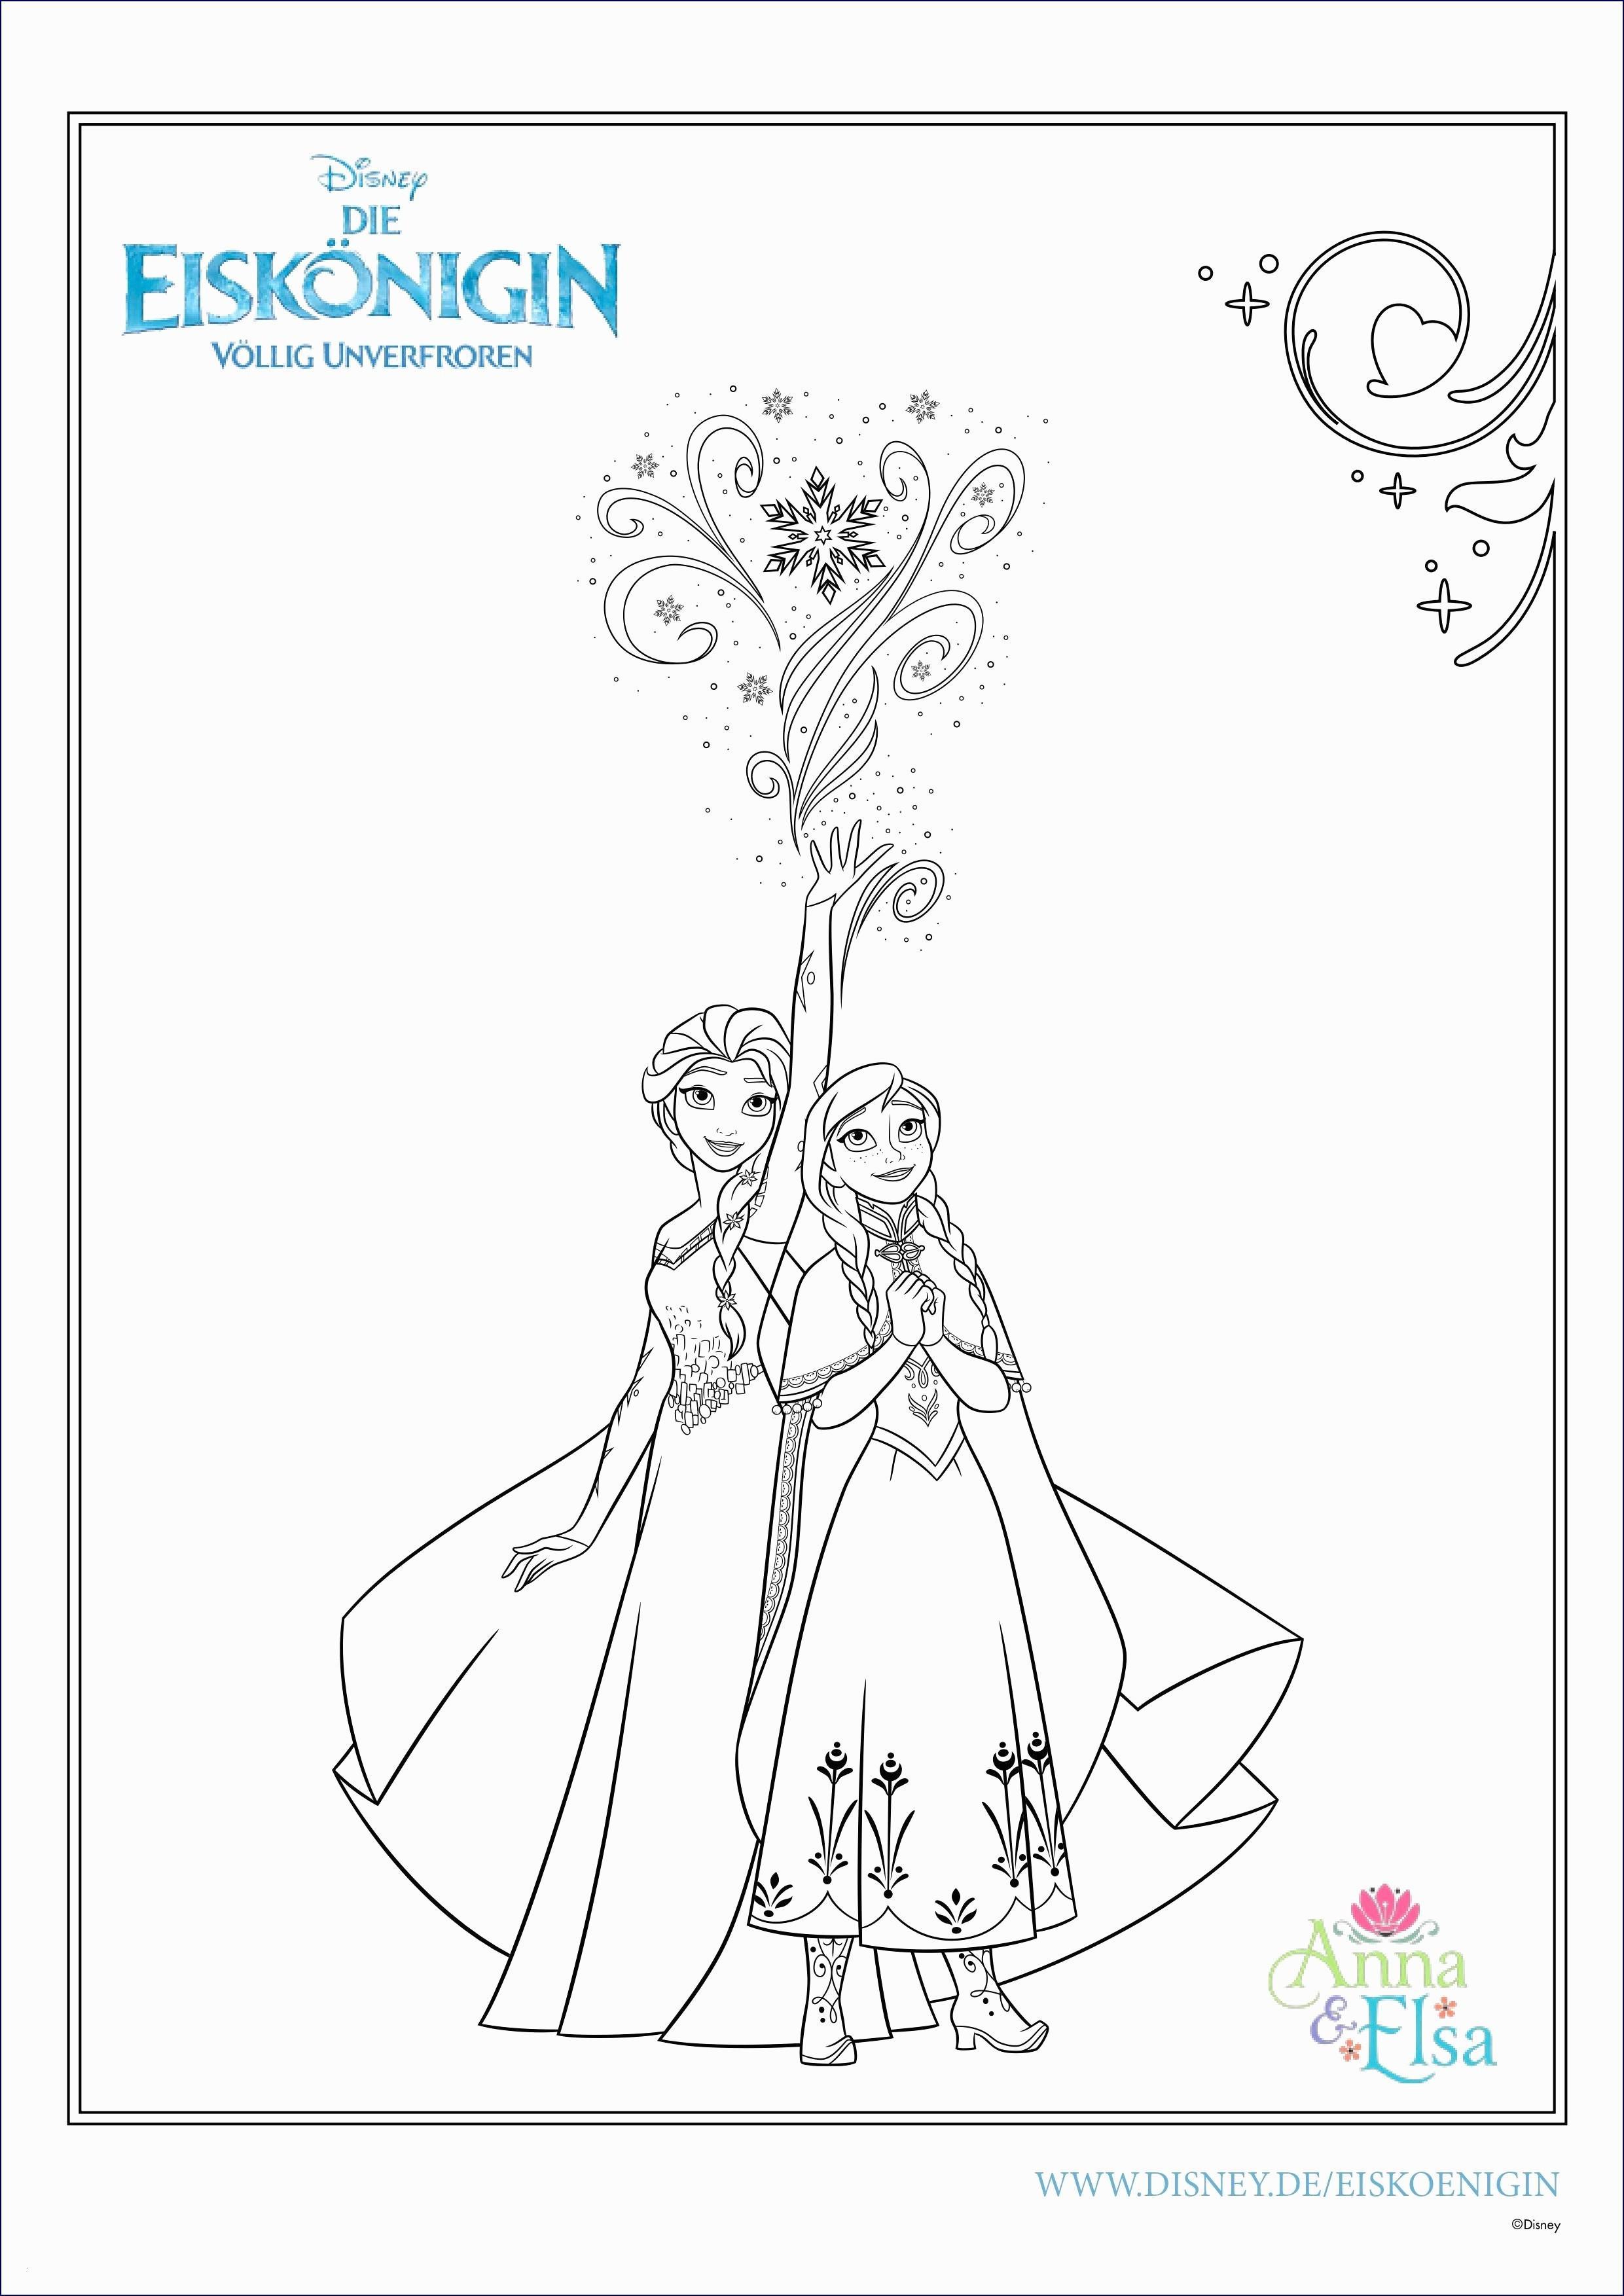 Anna Und Elsa Ausmalbild Inspirierend Elsa Zum Ausmalen Meilleur De Bilder Zum Ausmalen Bekommen Elsa Sammlung